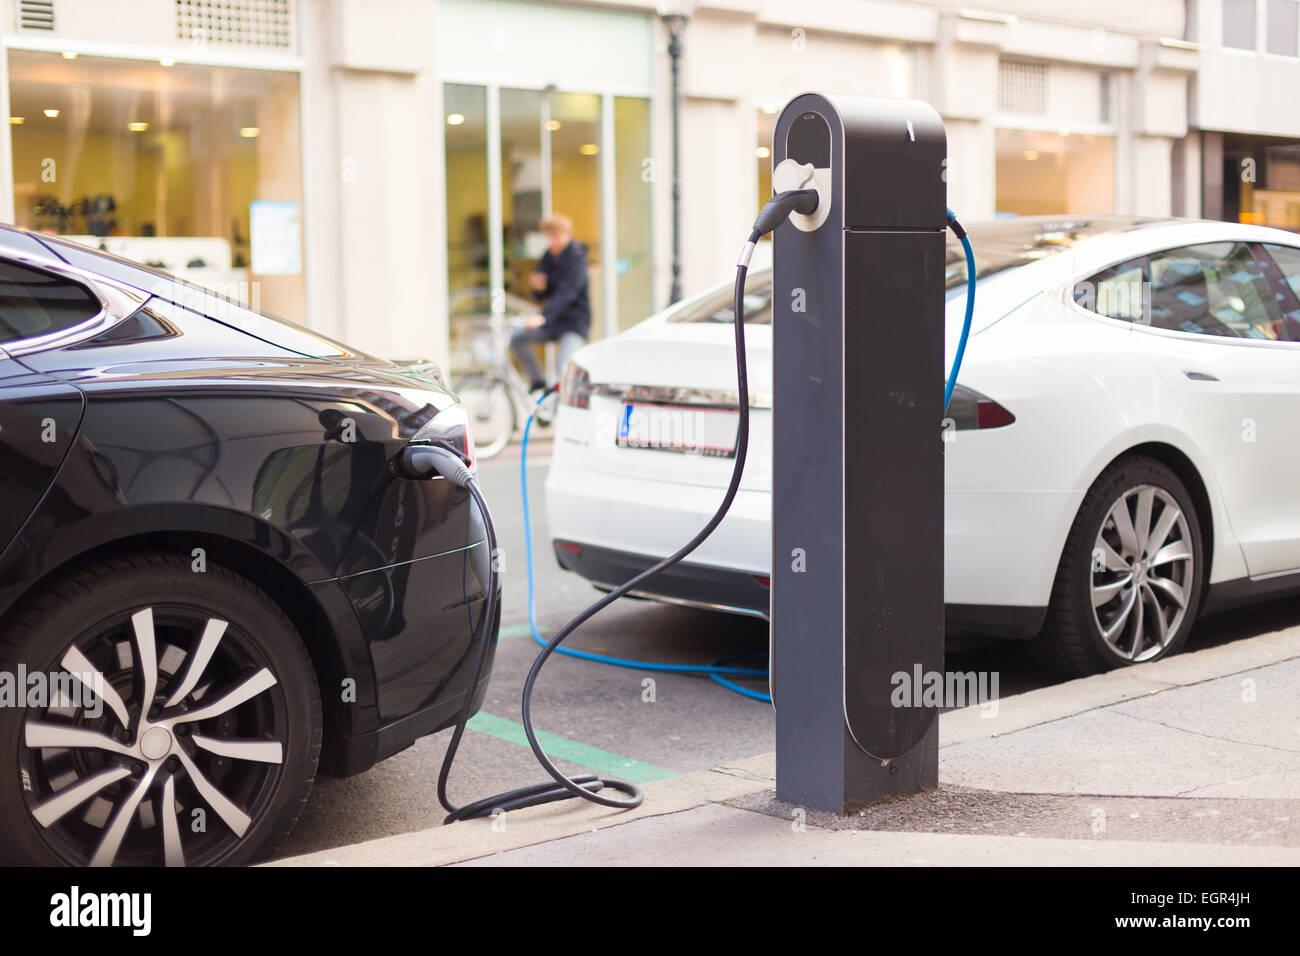 Le automobili elettriche nella stazione di carica. Immagini Stock